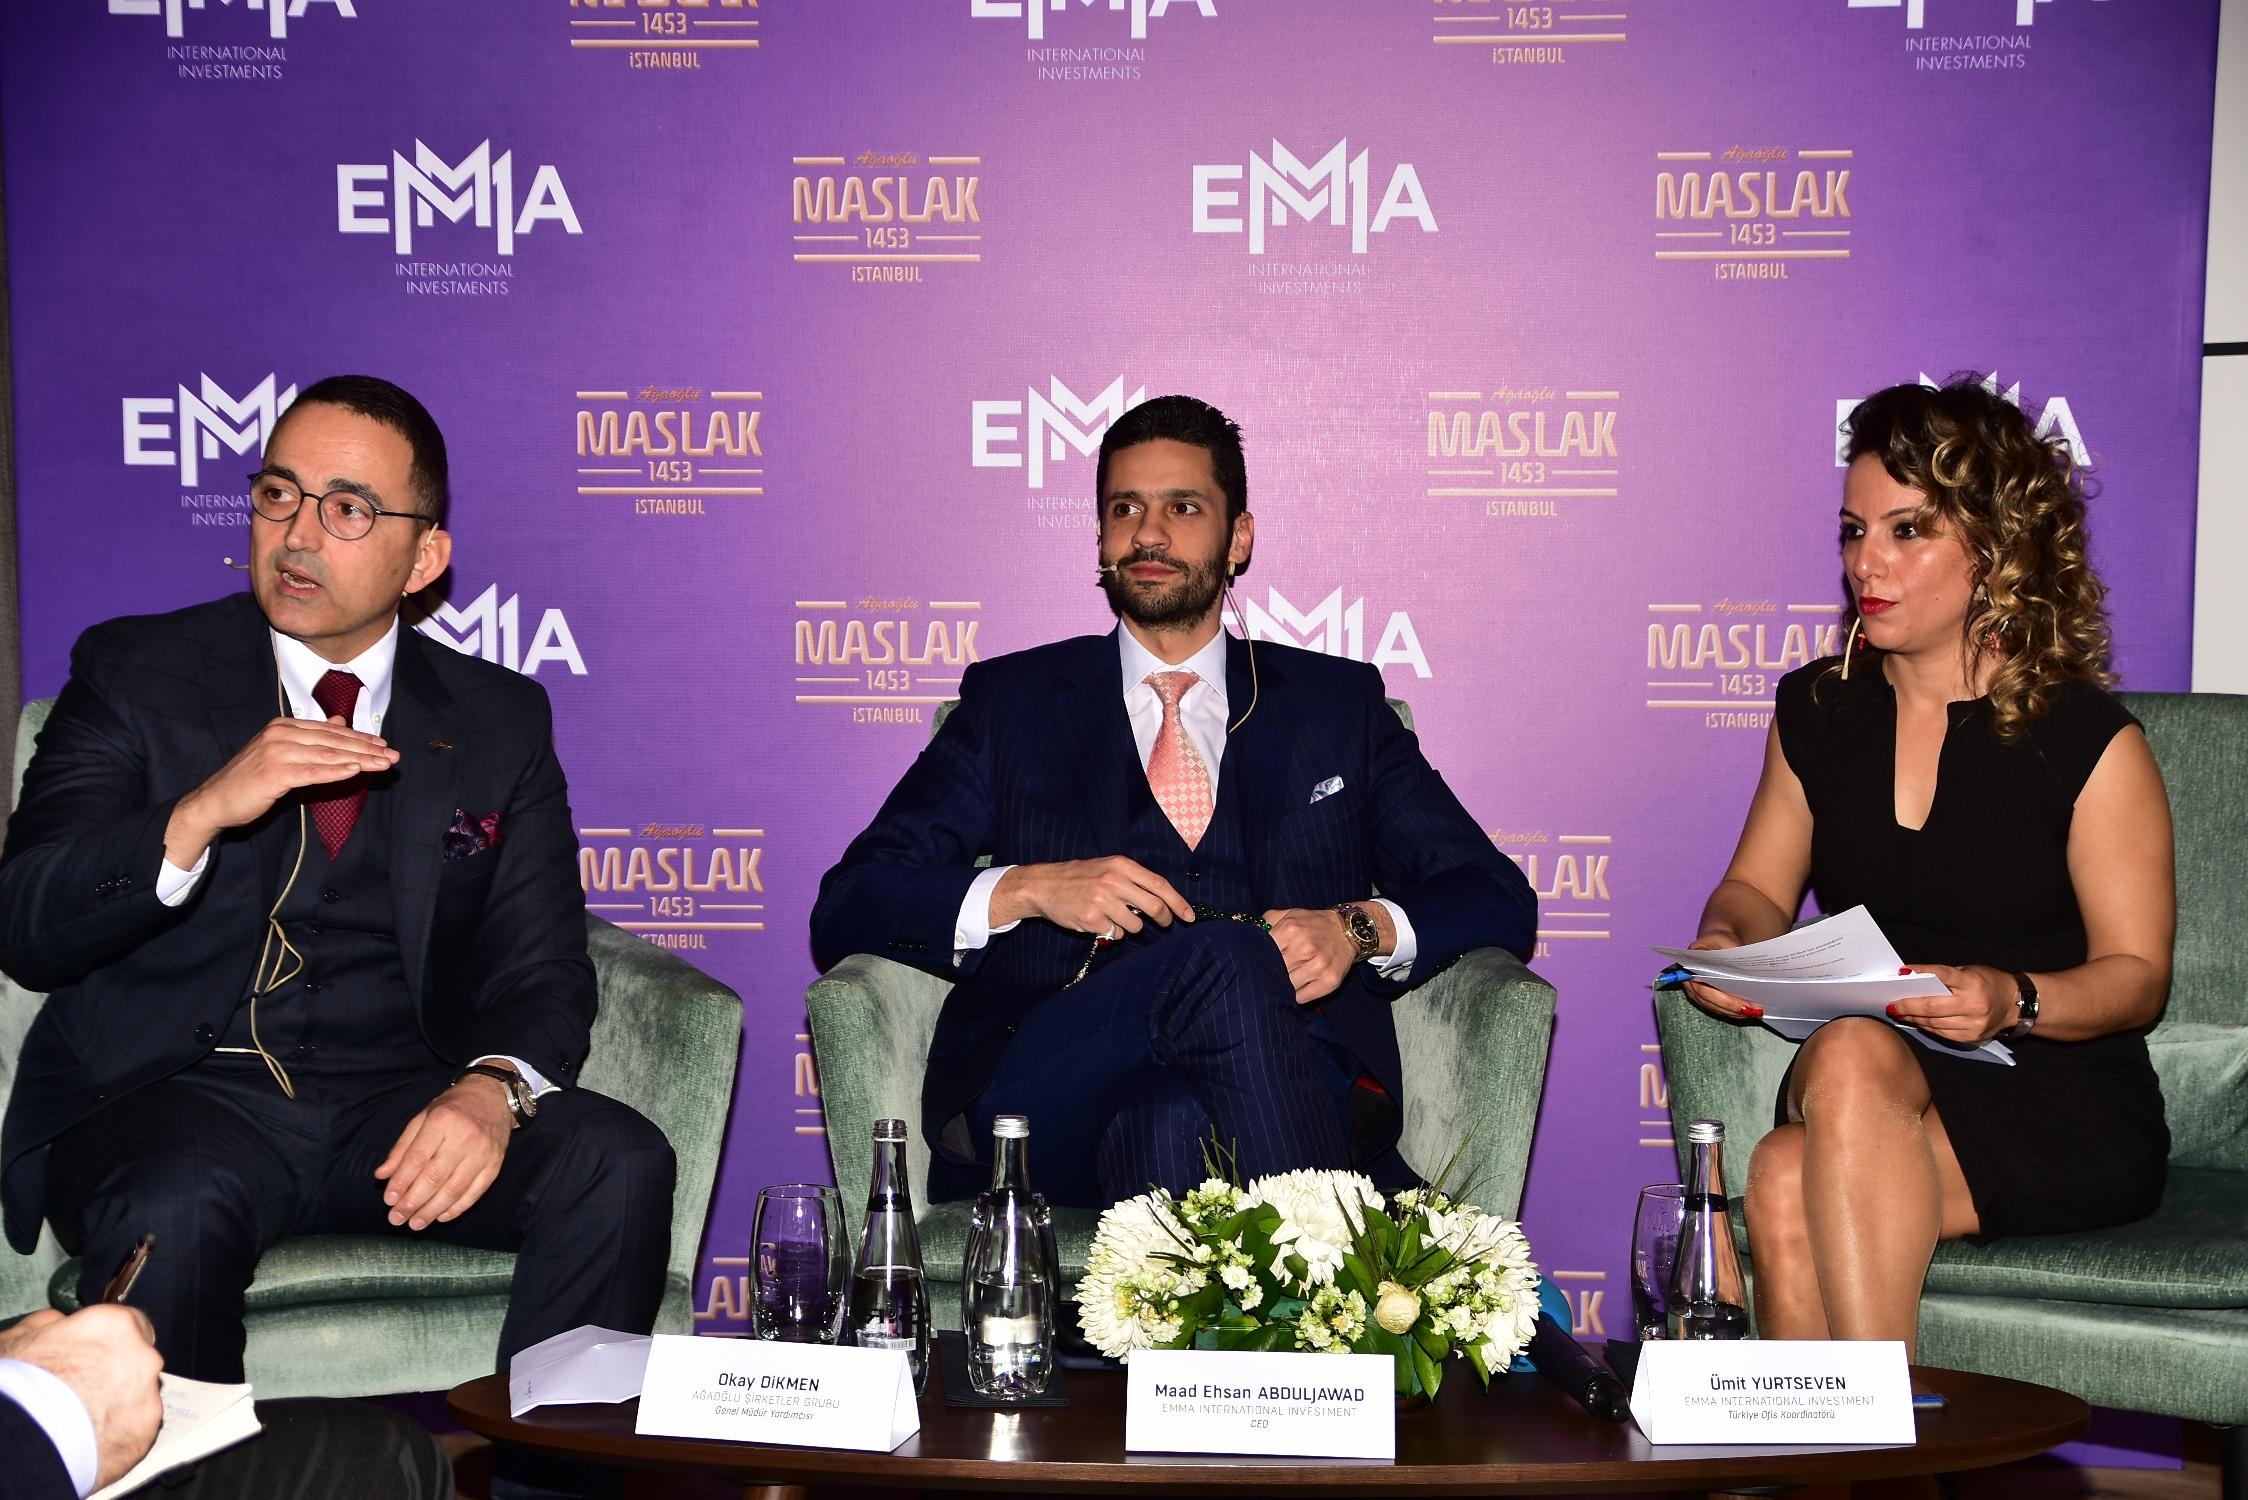 Uluslararası yatırımcı Emma, yatırımını topraktan yaptı.